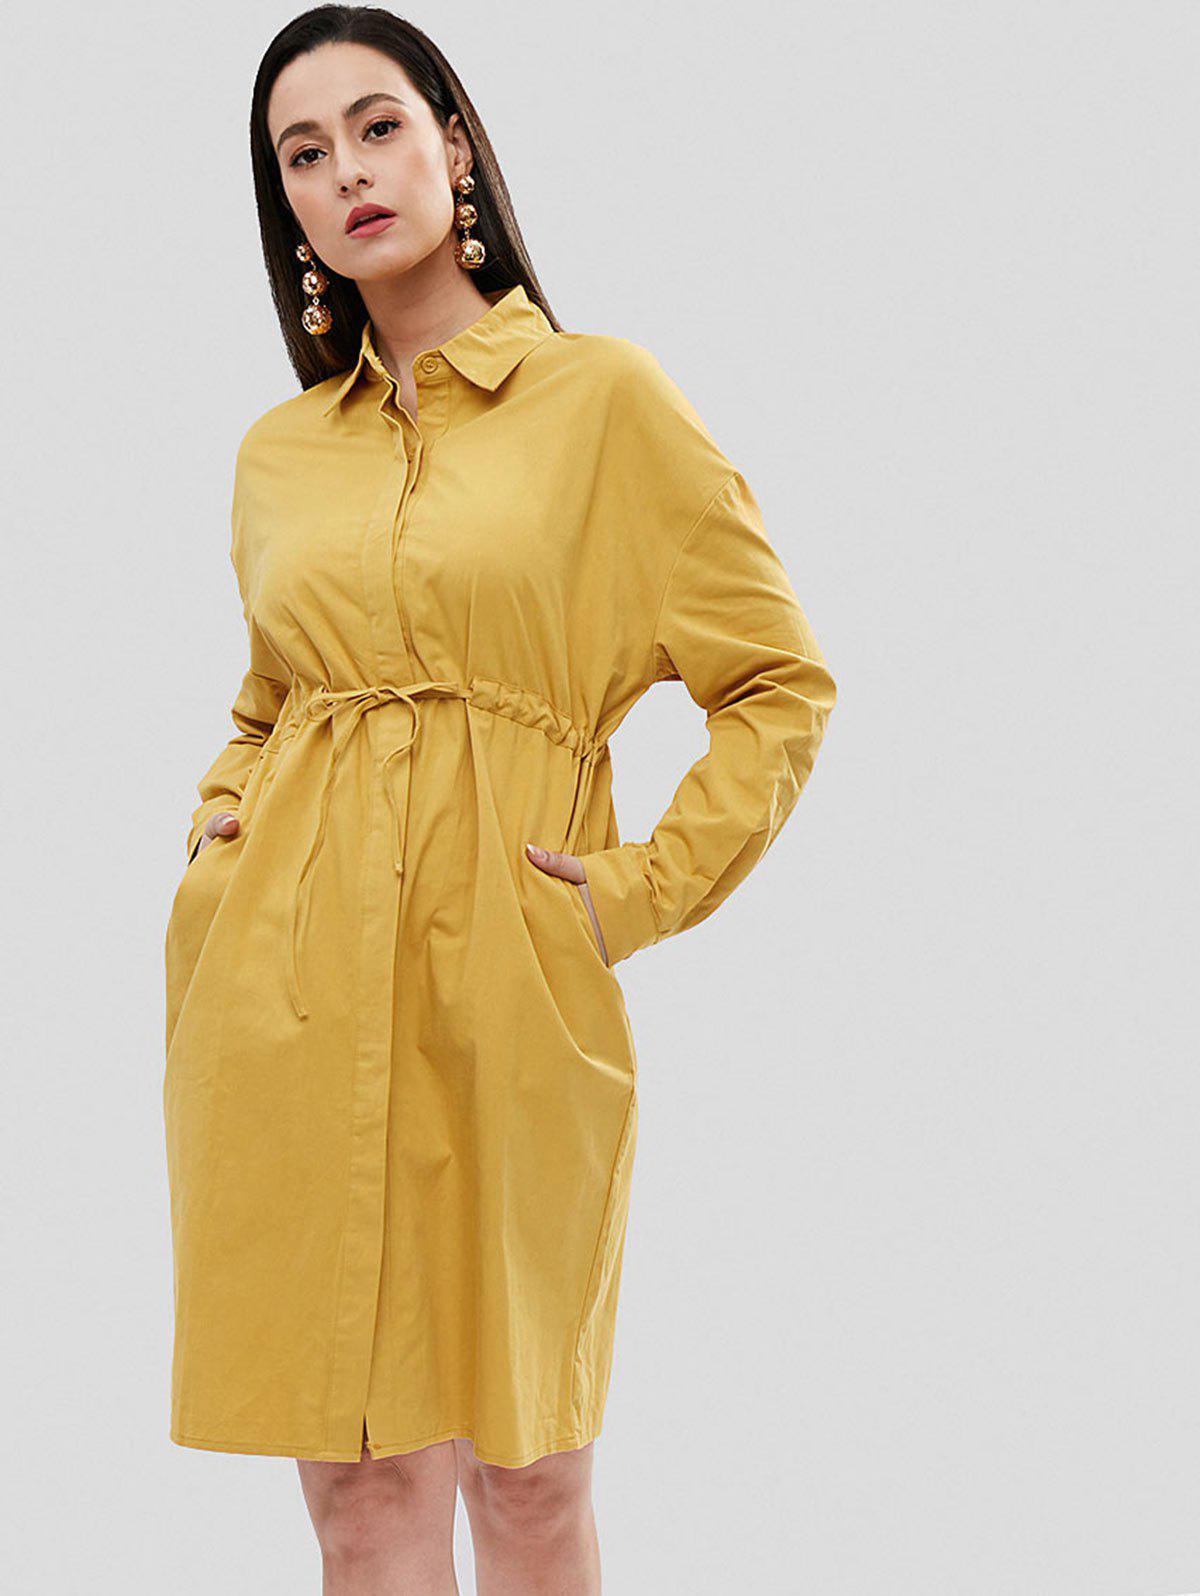 Waist Drawstring Shirt Dress, Golden brown